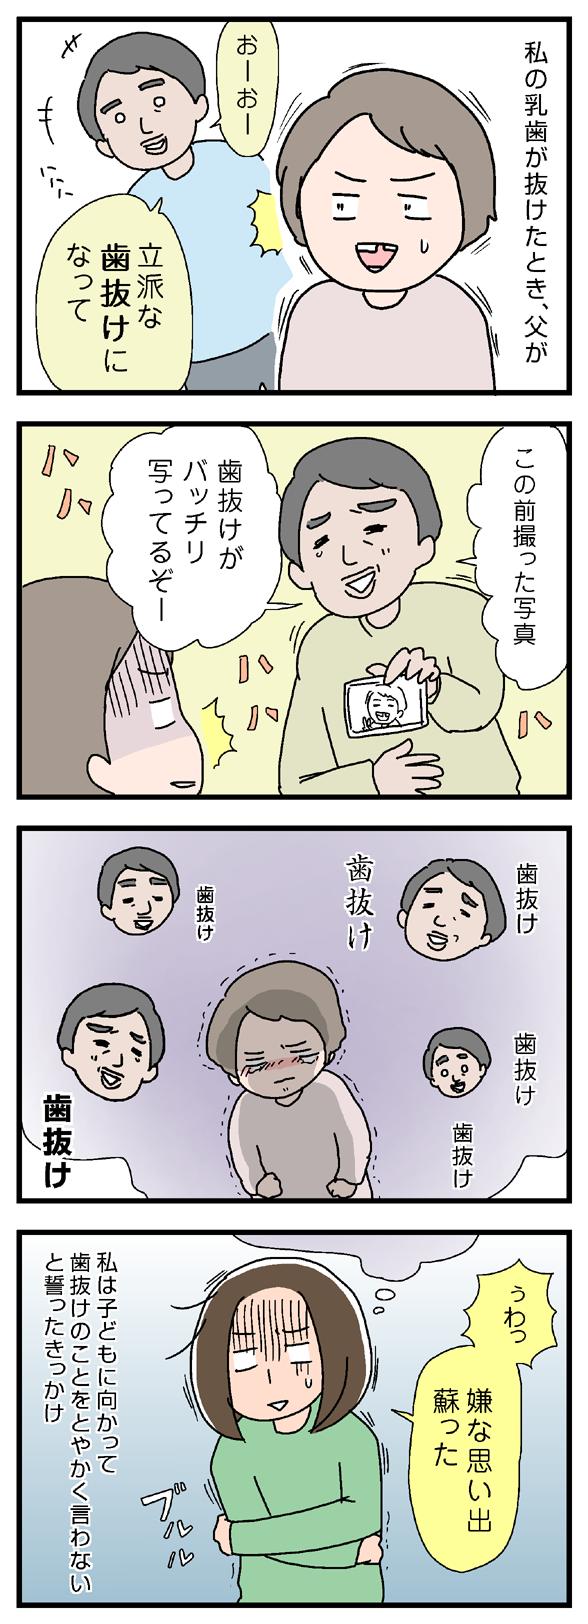 icchomae285